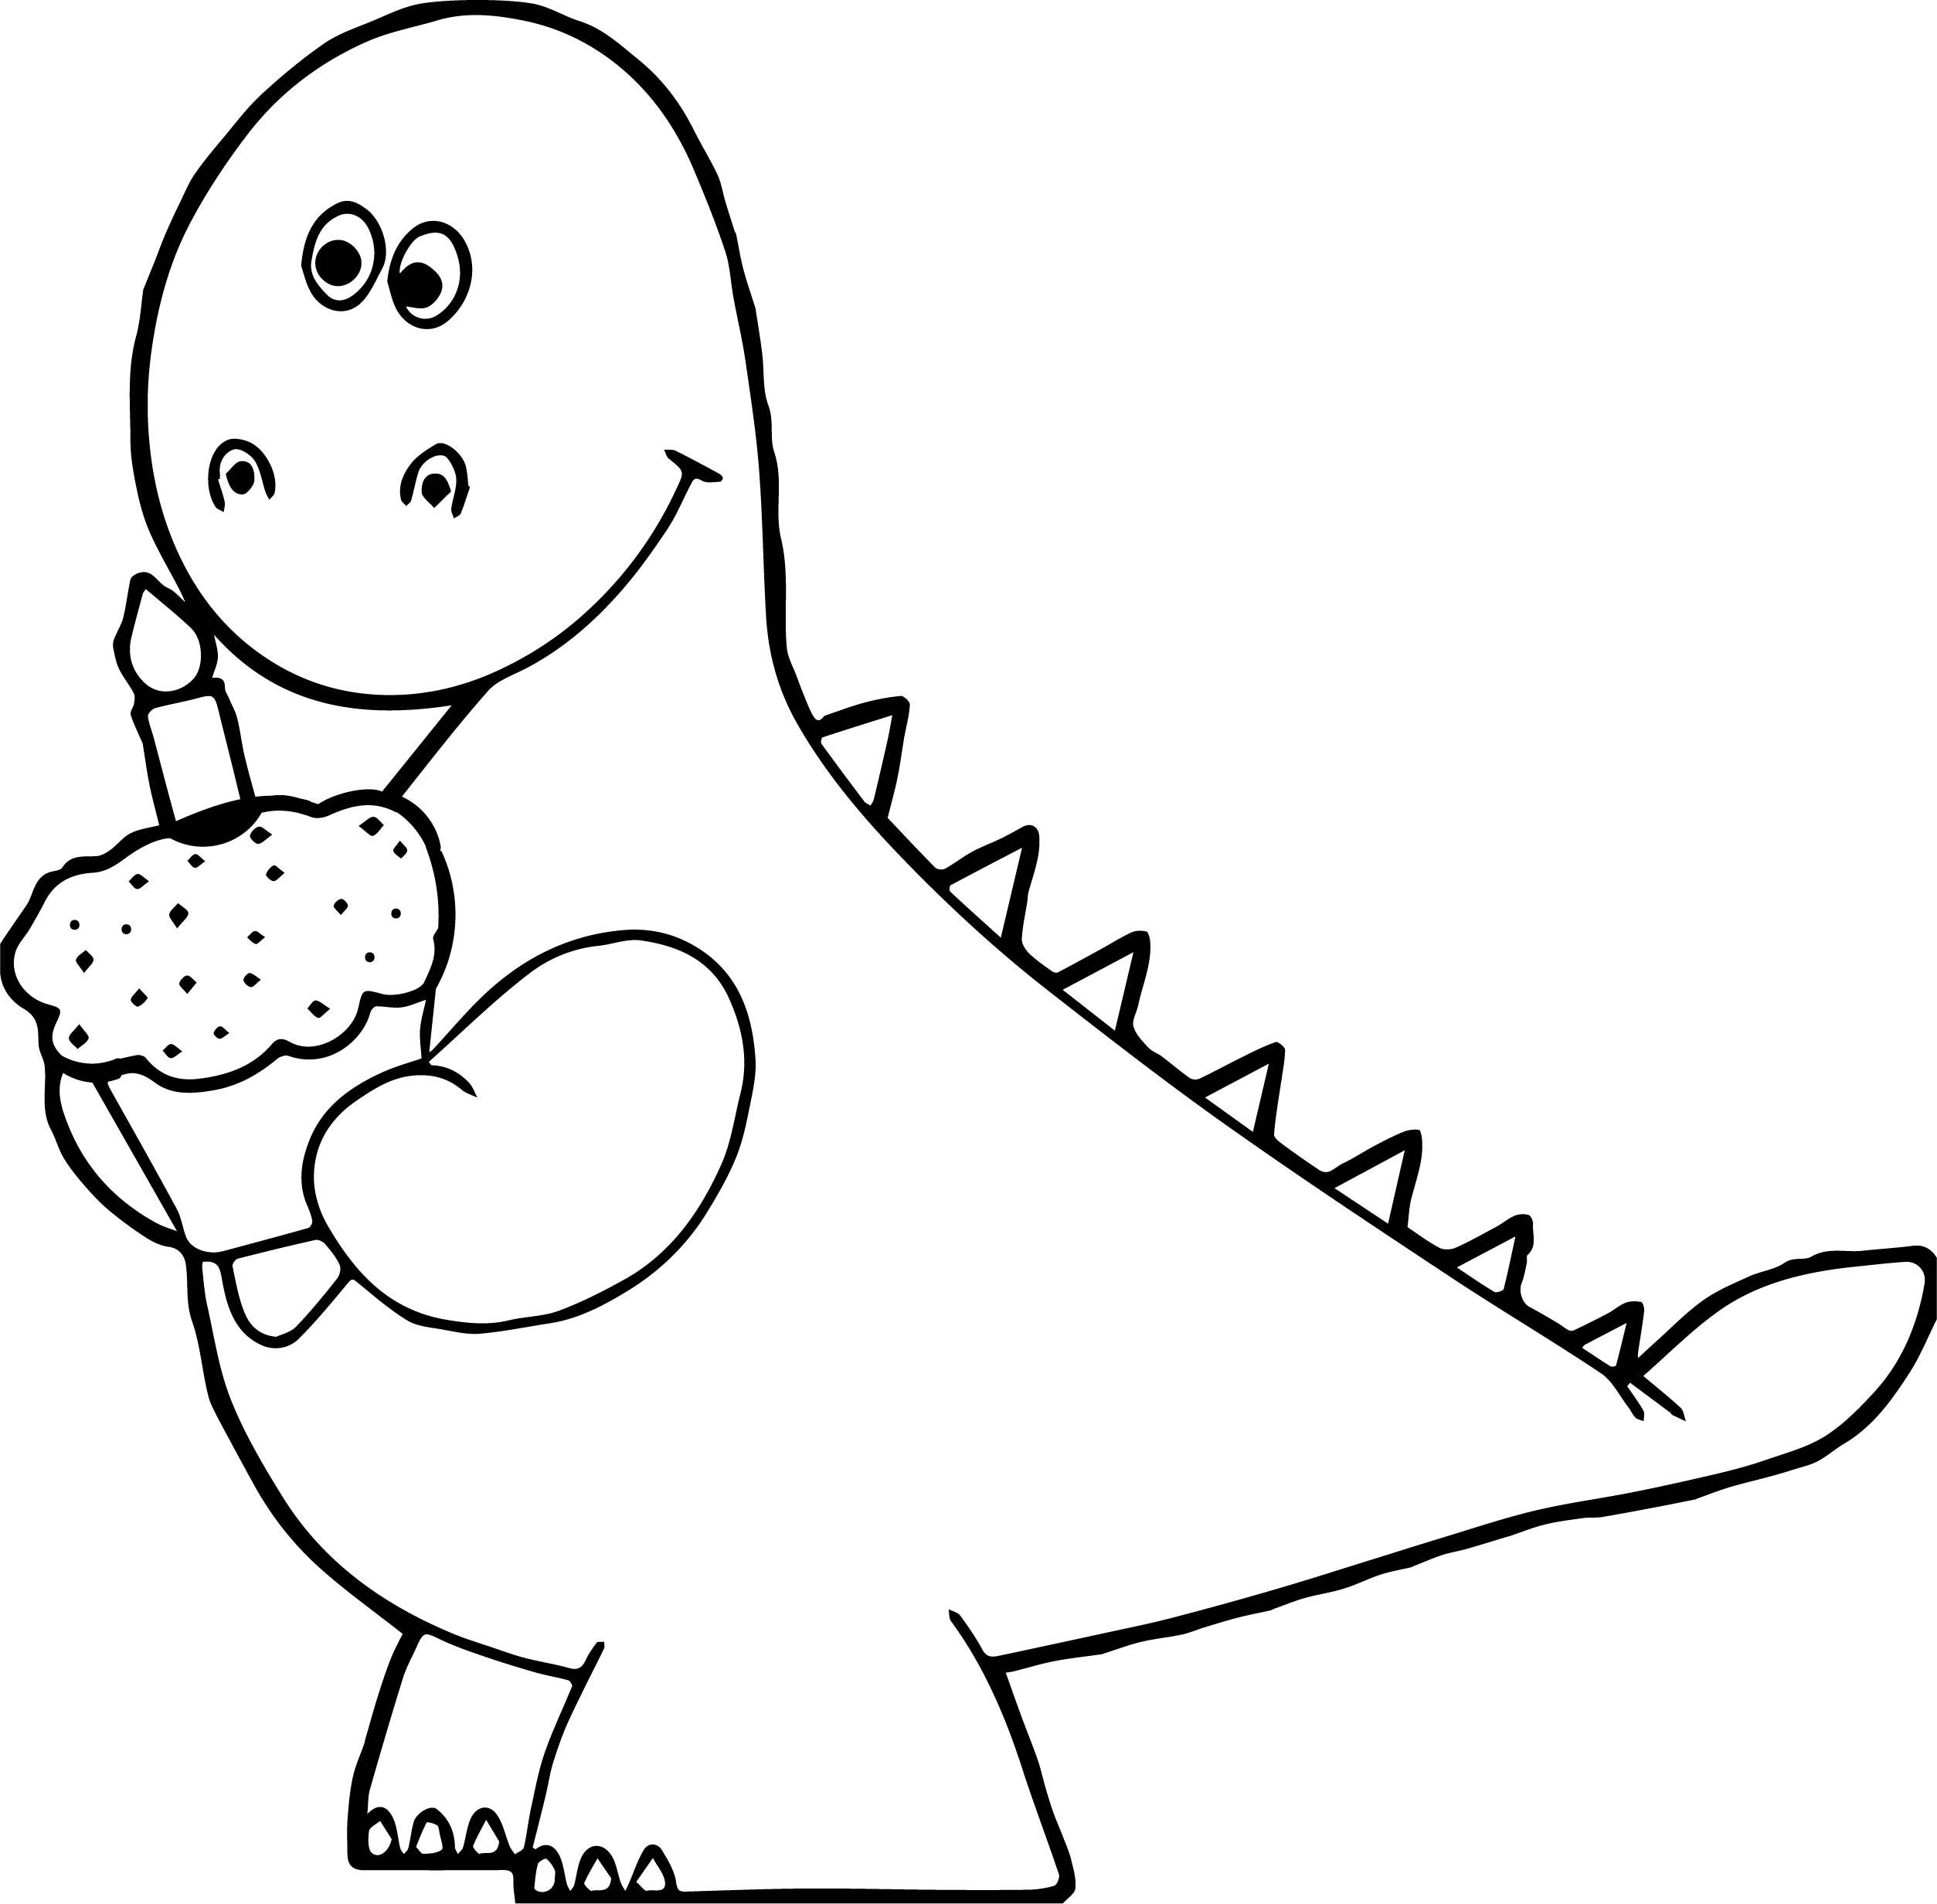 orange dinosaur birthday cupcake coloring page - Cupcake Coloring Page